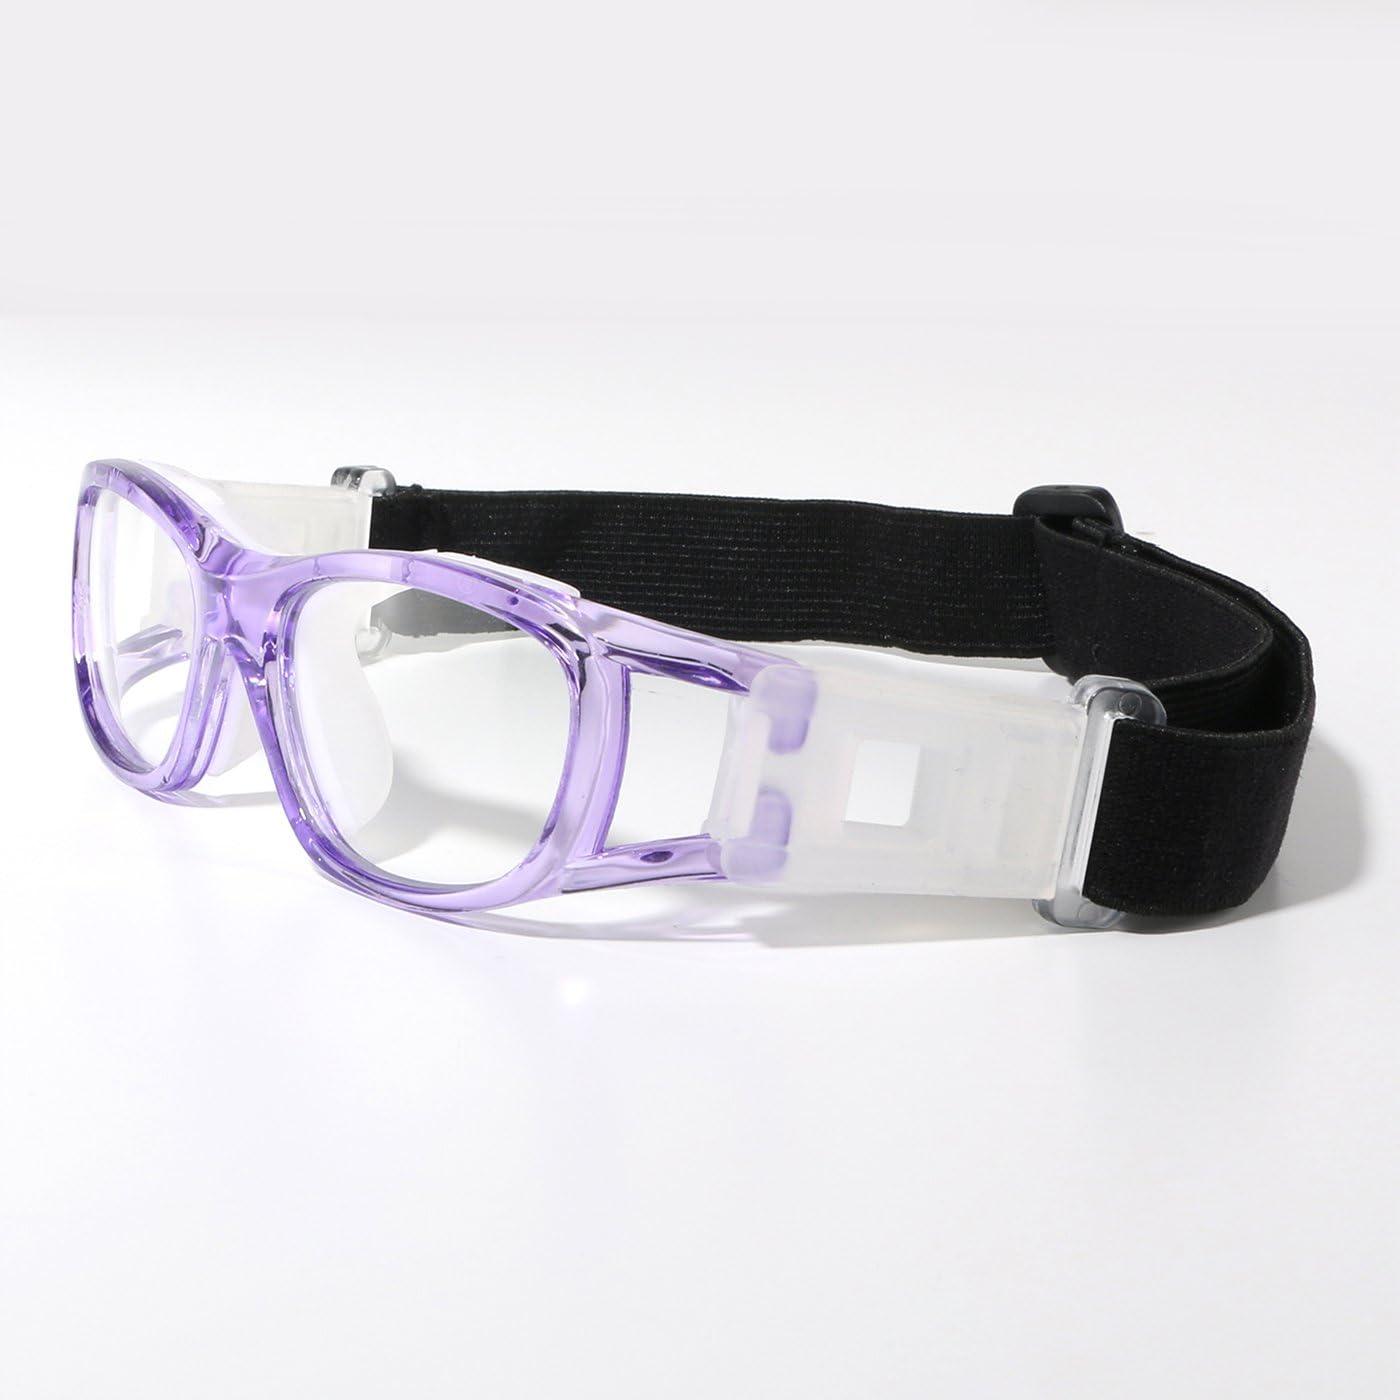 Niños. Deportes. Gafas de seguridad, gafas de baloncesto ...